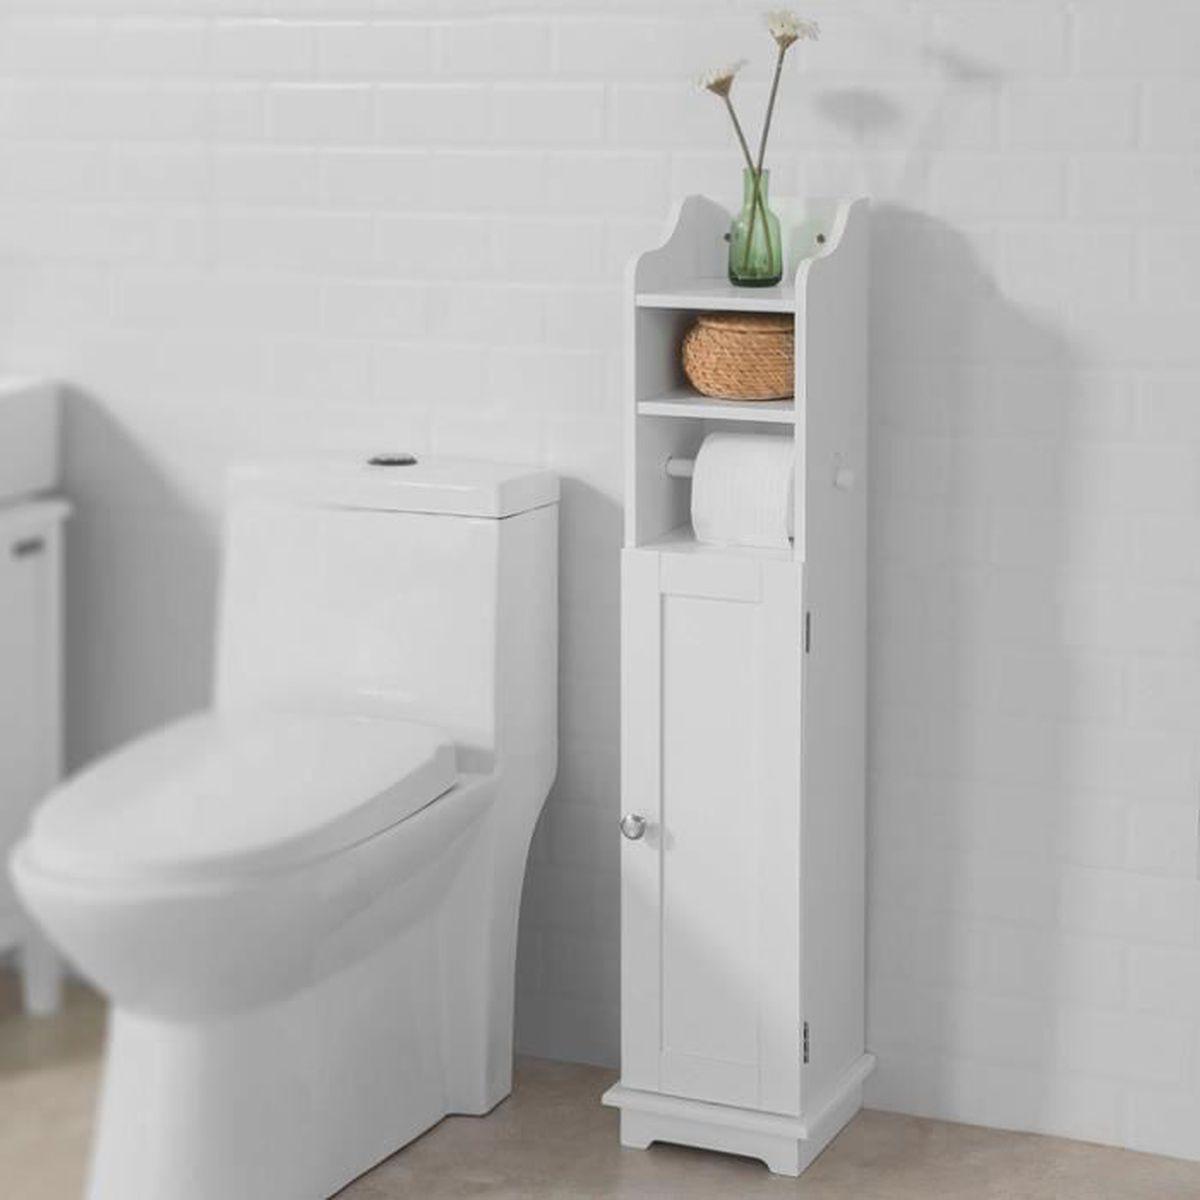 Fabriquer Un Dévidoir Papier Toilette armoir de wc